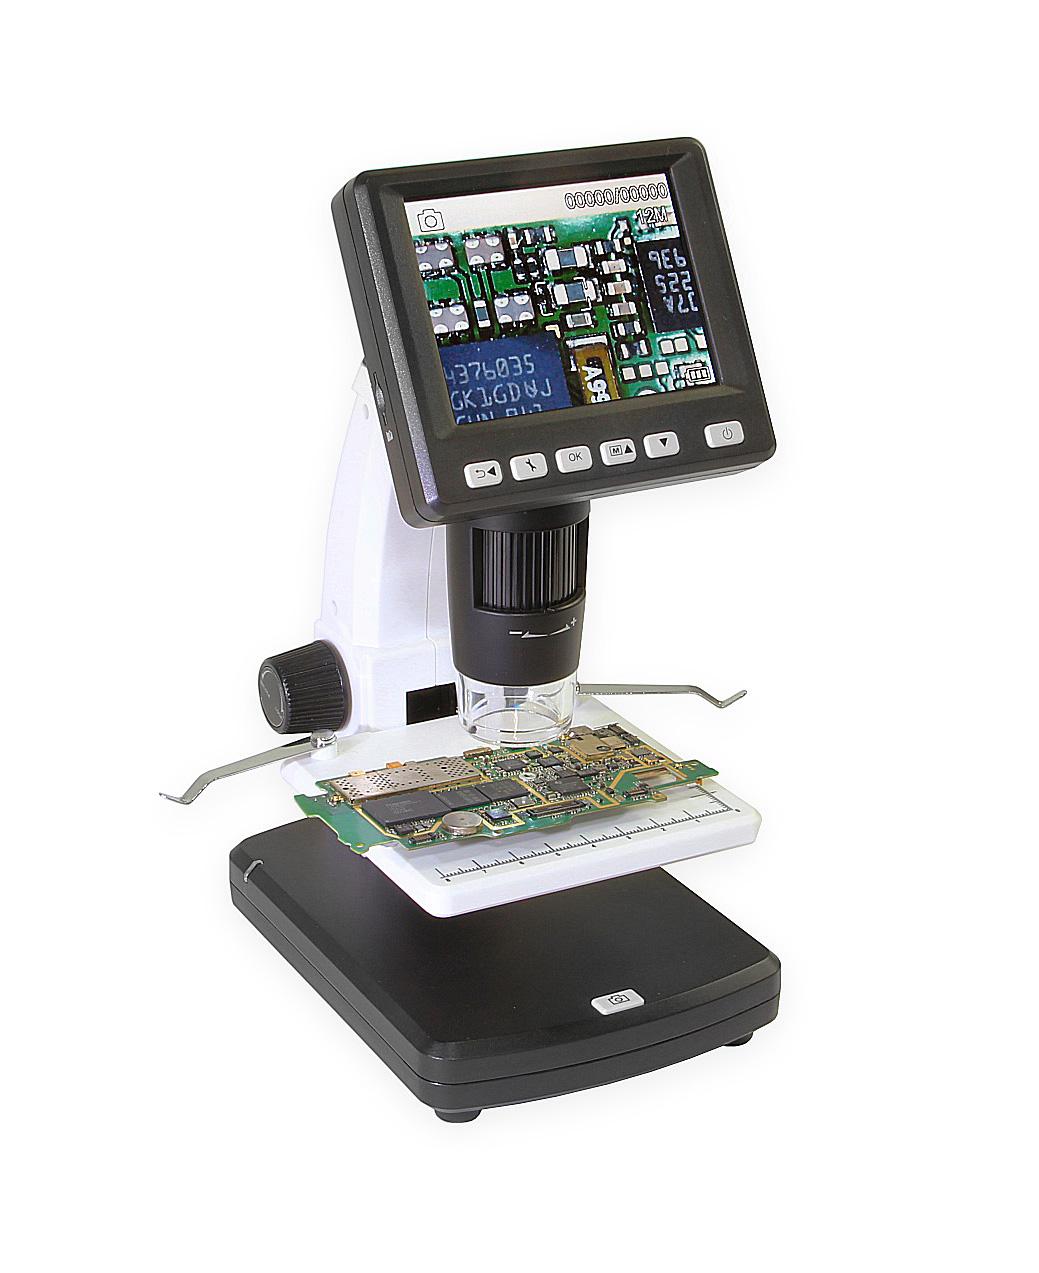 Digitální mikroskop s LCD, rozlišením 12Mpix, SD kartou, USB a TV výstupem